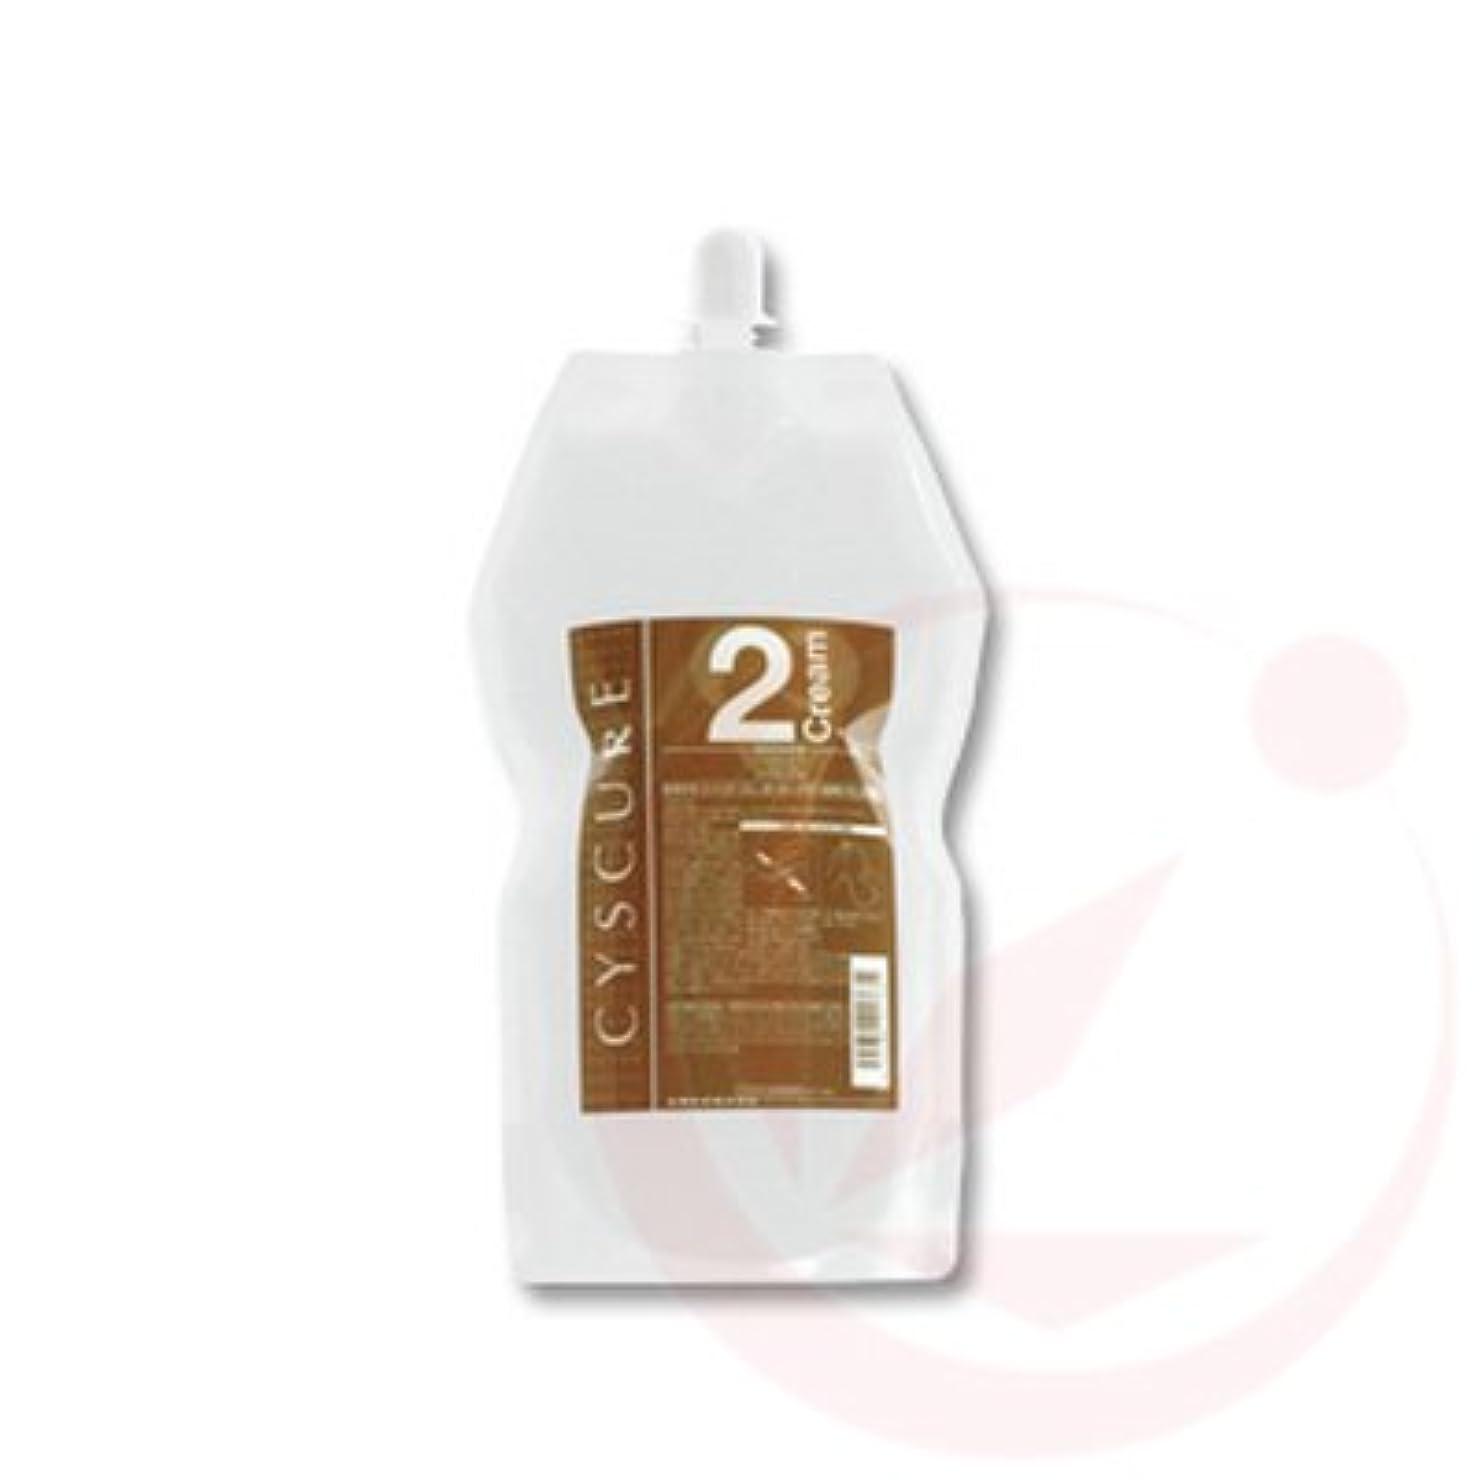 最高歯科のマインドタマリス シスキュア2クリーム 1000g (パーマ剤/2剤)